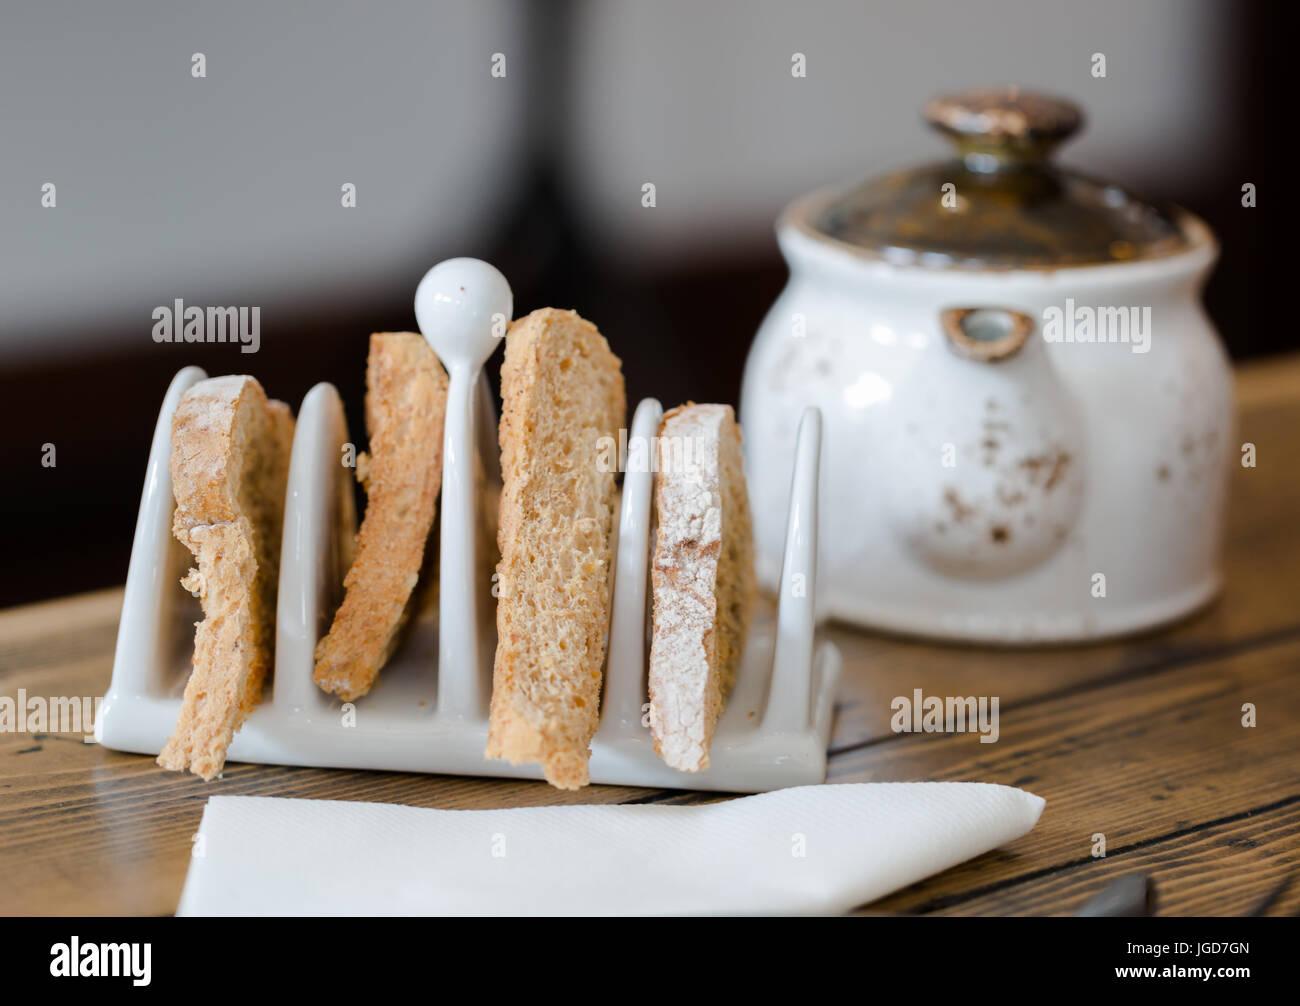 Cuatro rebanadas de pan tostado en tostadas de soporte en la mesa de madera de cerca. Enfoque en primer plano, tetera en el fondo borroso. Vista cercana de ángulo bajo. Shal Foto de stock